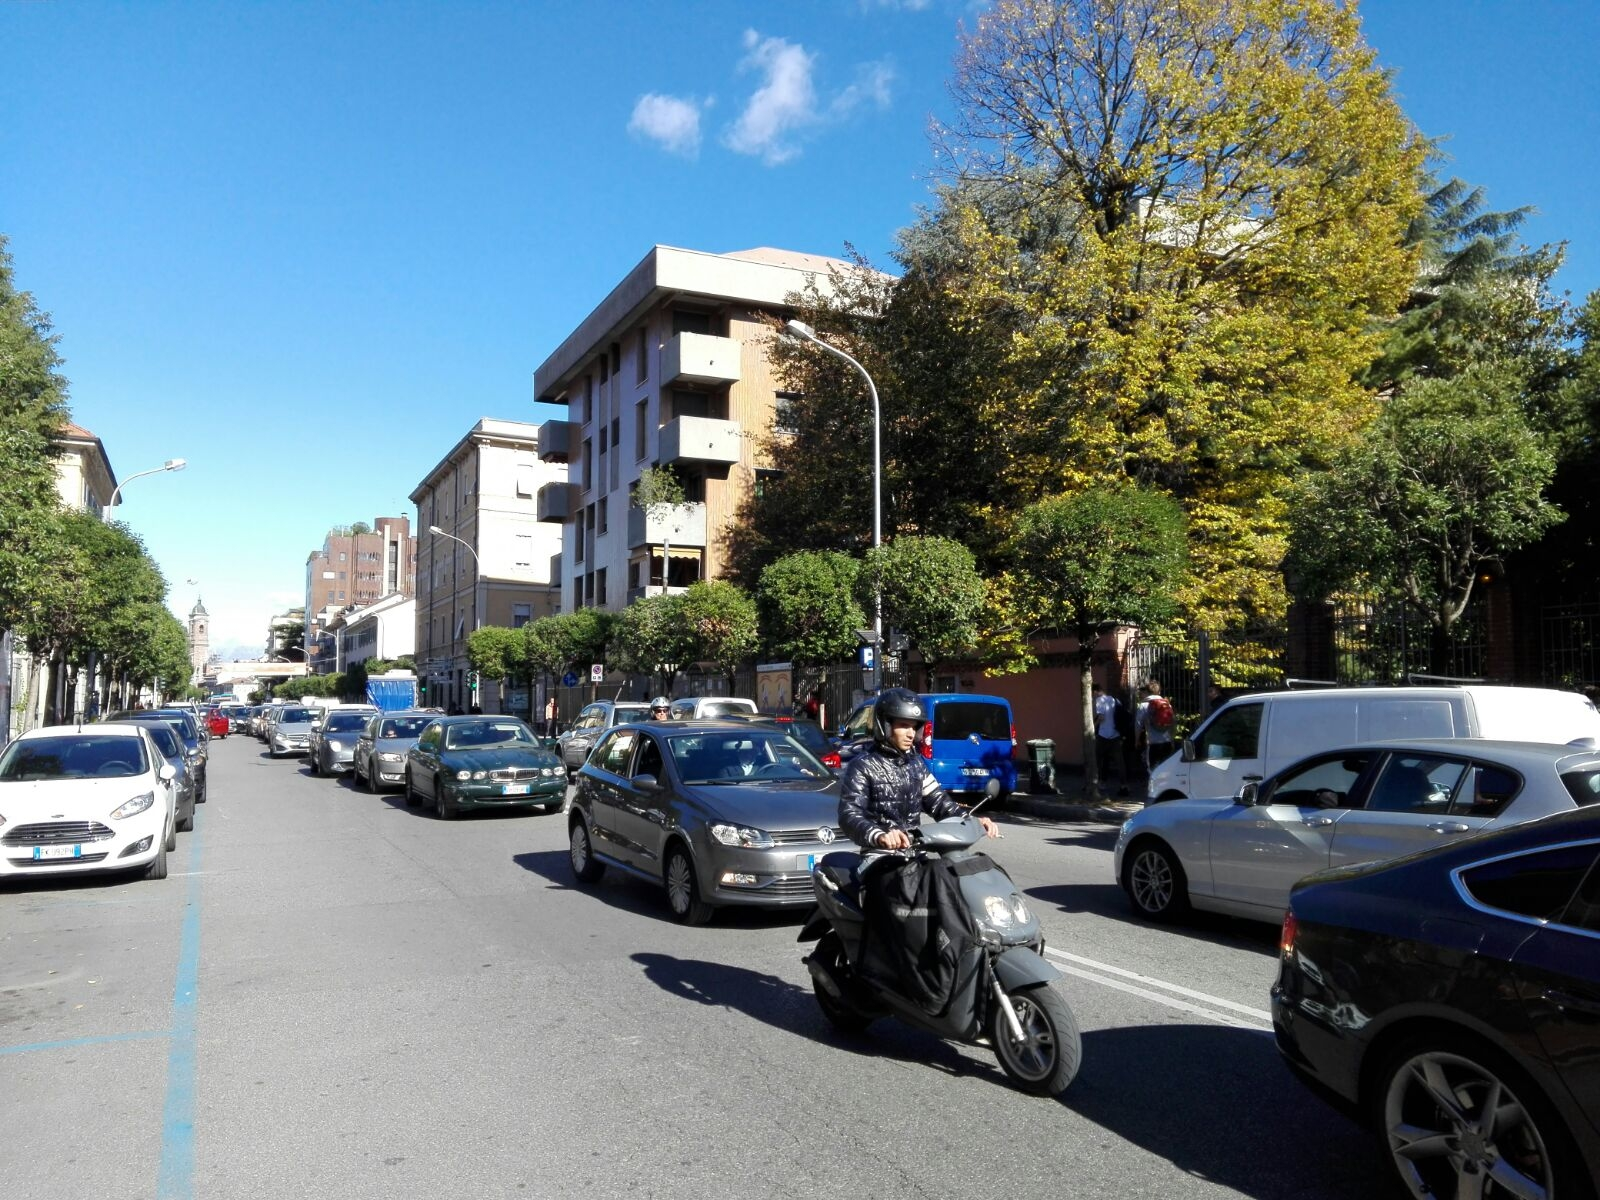 Inversione azzardata in corso Milano, 24enne al Pronto soccorso